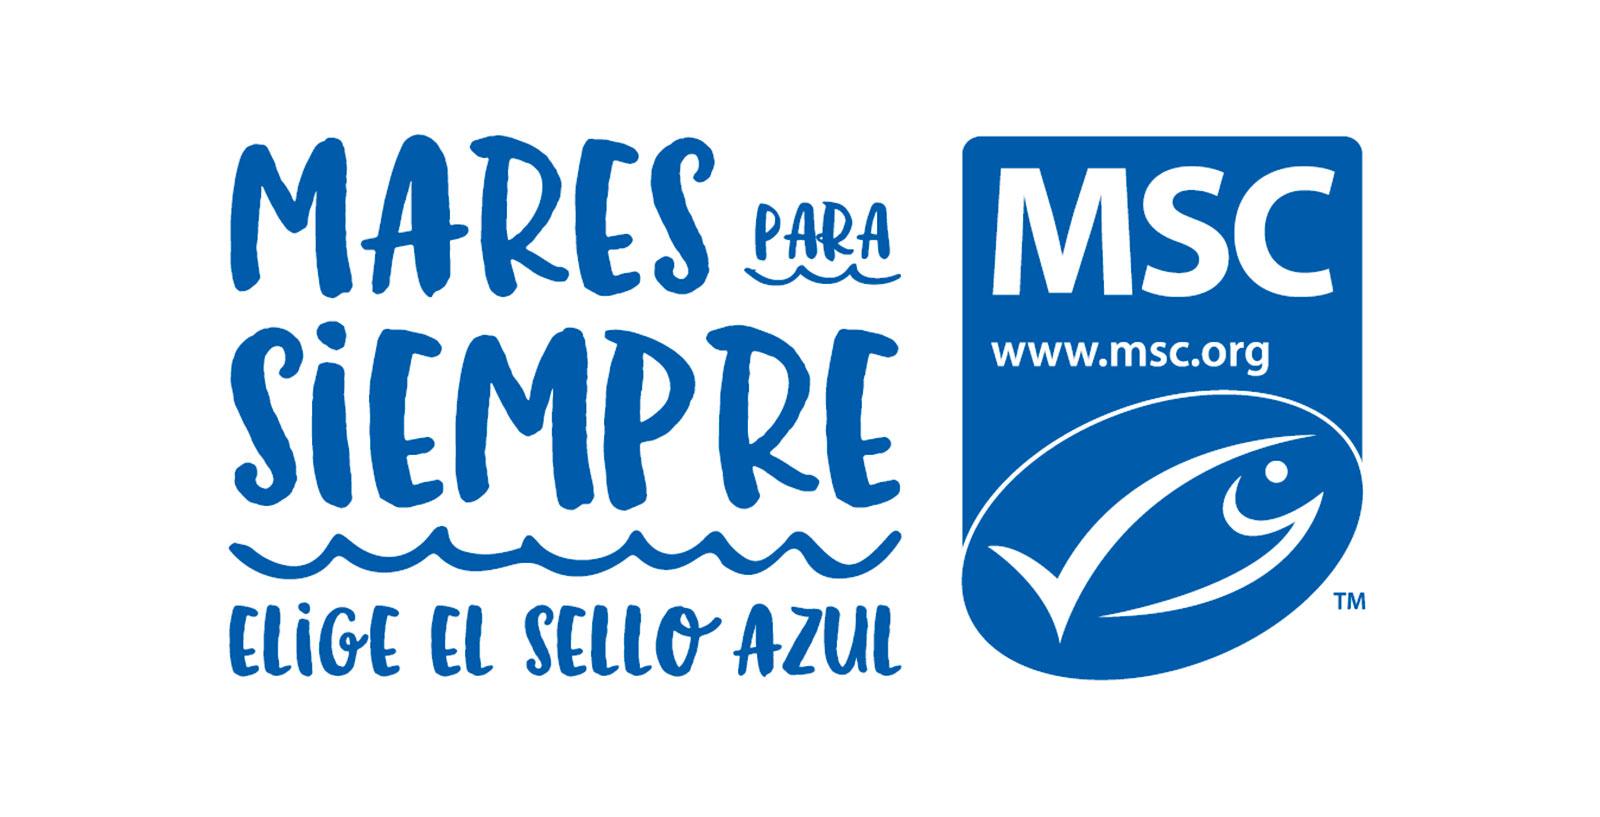 Resultado de imagen de marine stewardship council logo